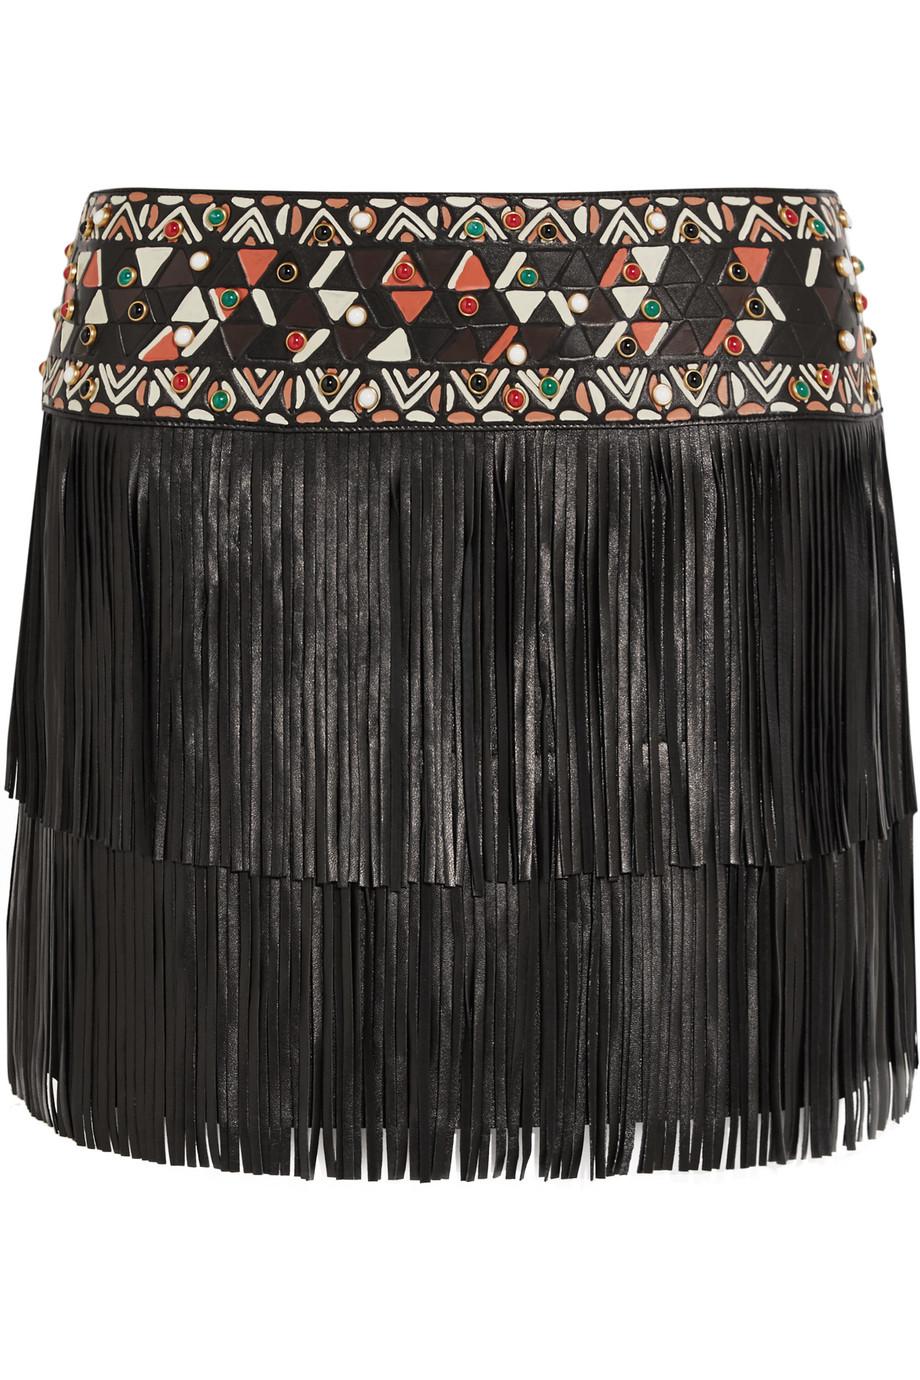 Valentino Fringed Embellished Leather Mini Skirt, Black, Women's, Size: 42